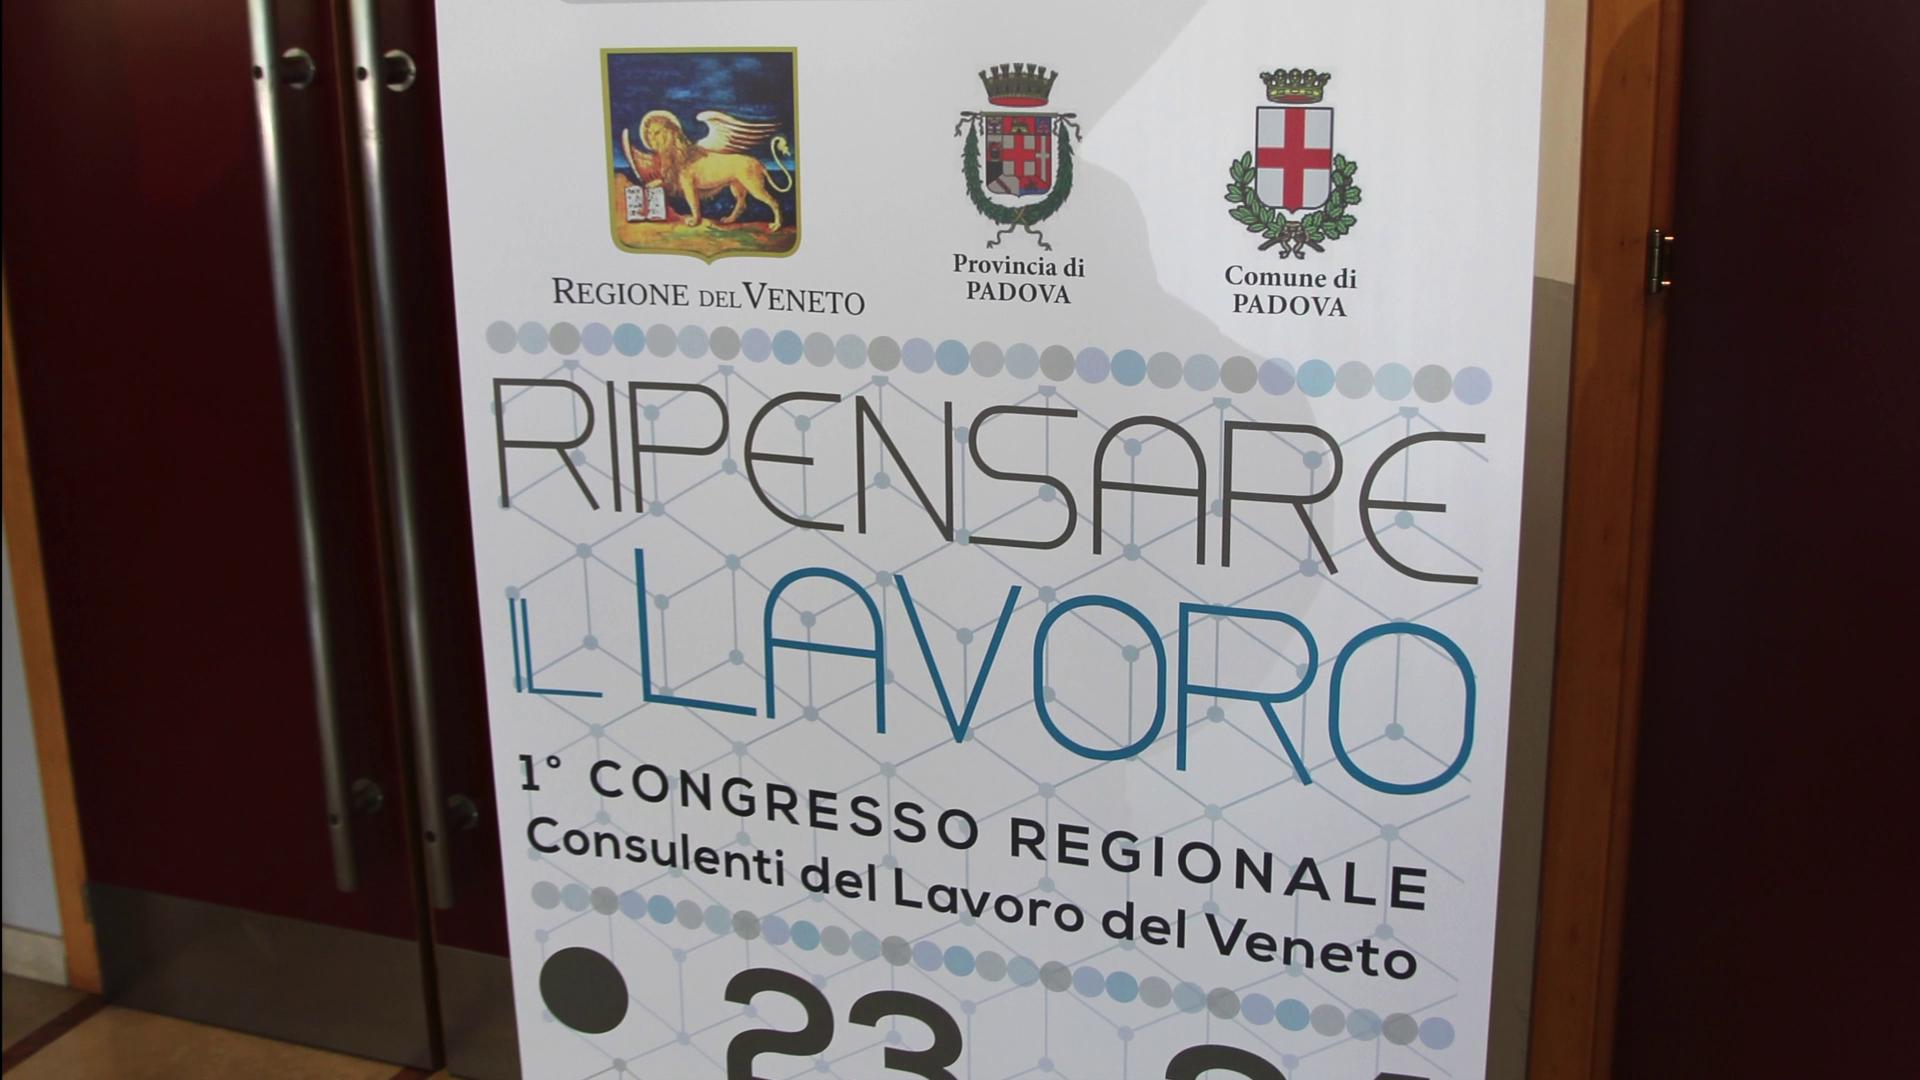 Ripensare il lavoro: il video del 1° Congresso del Veneto